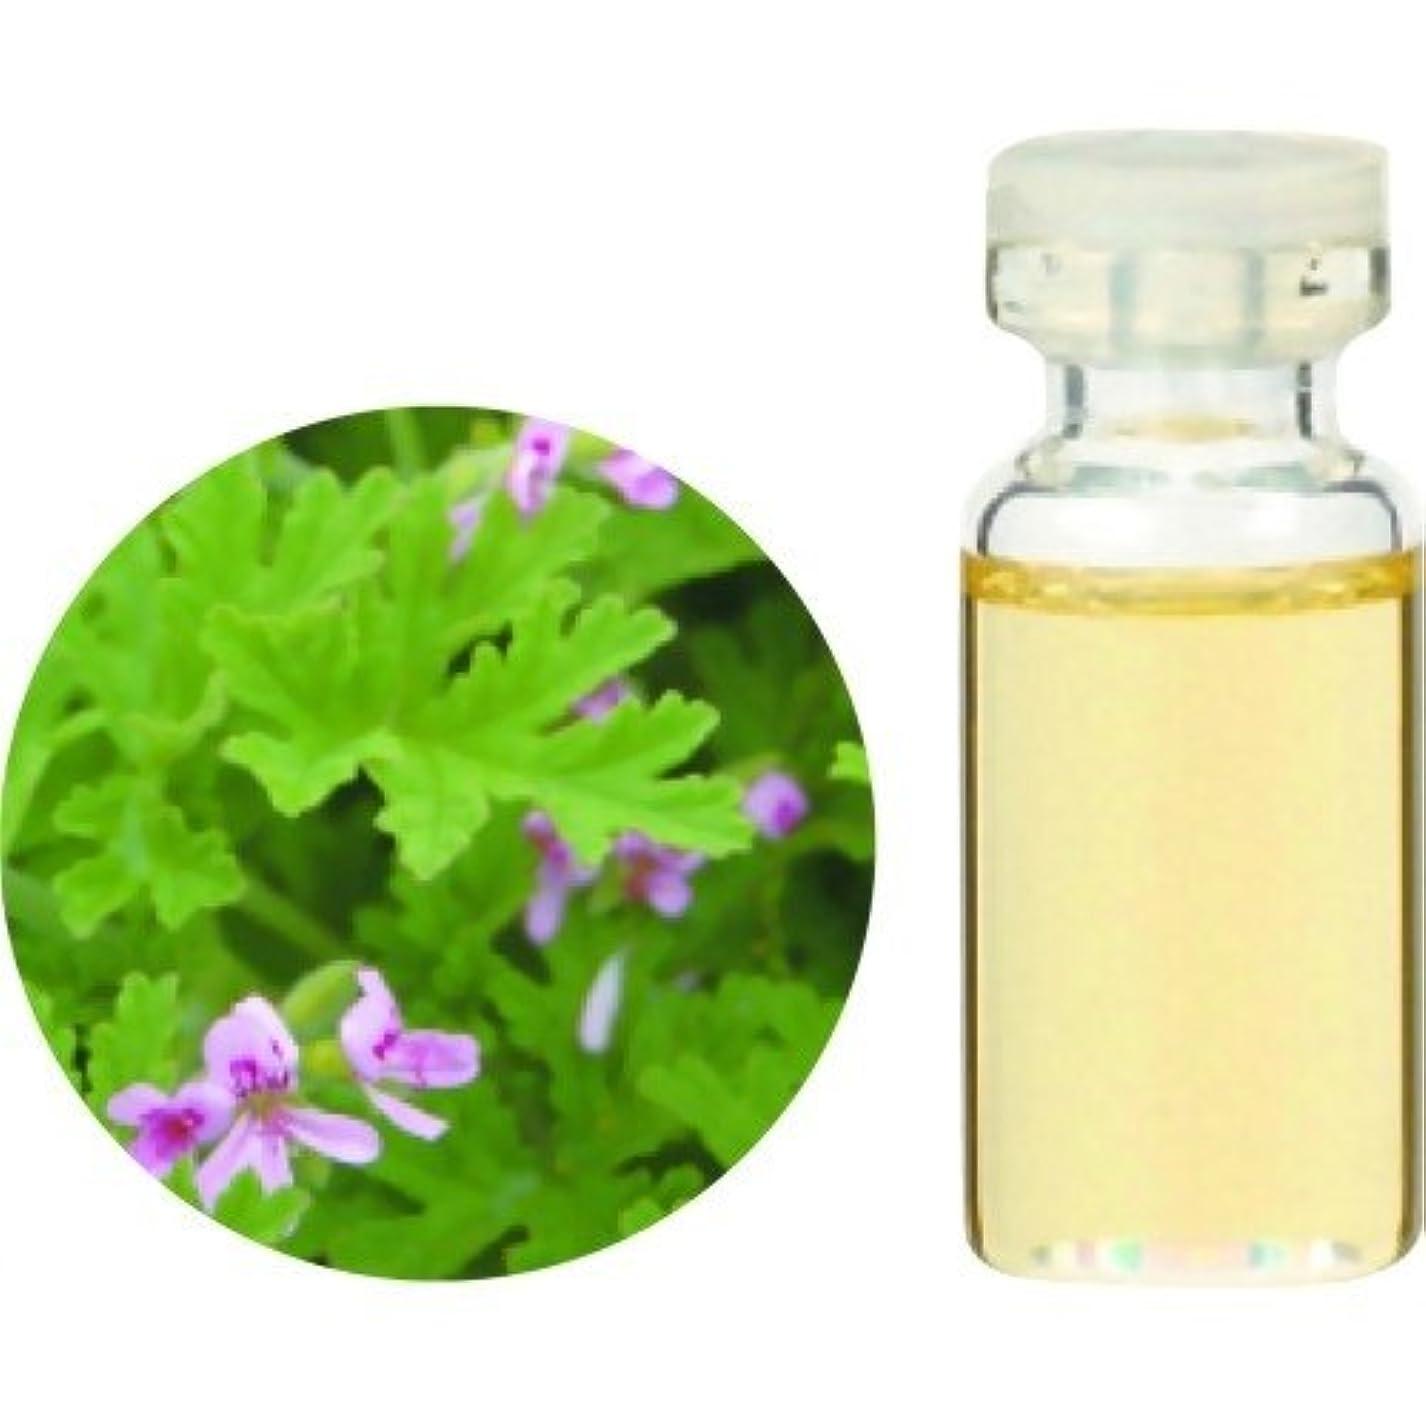 大西洋フィッティング泣く生活の木 Herbal Life Organic ゼラニウム 10ml